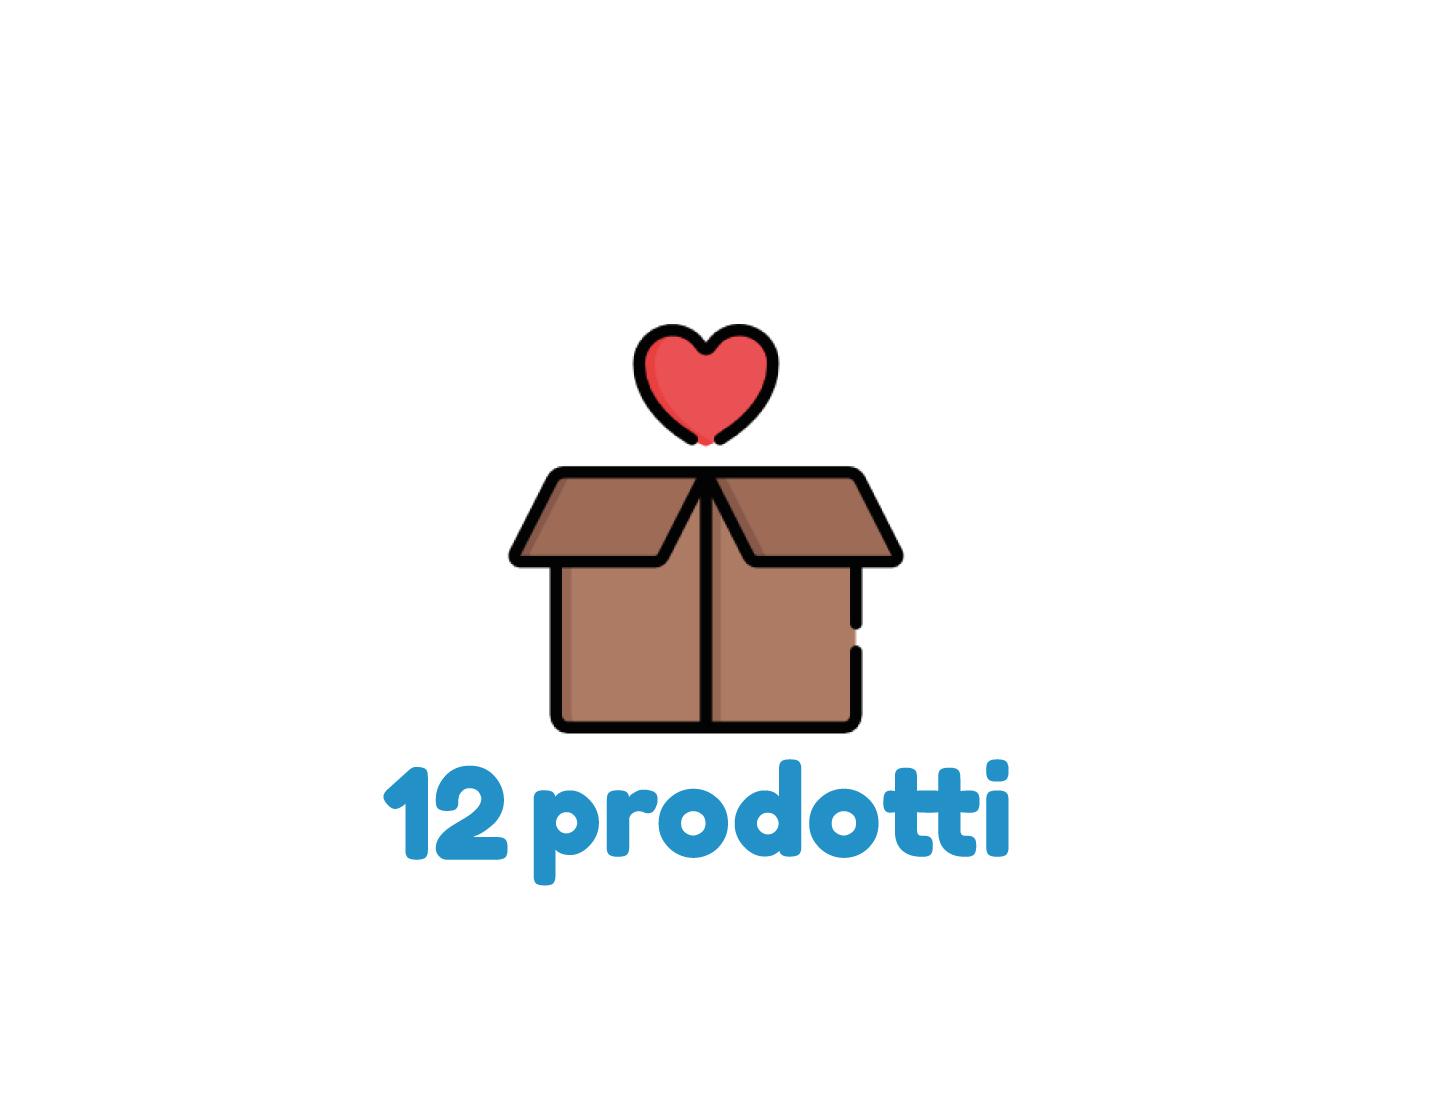 Premium Box 12 Prodotti